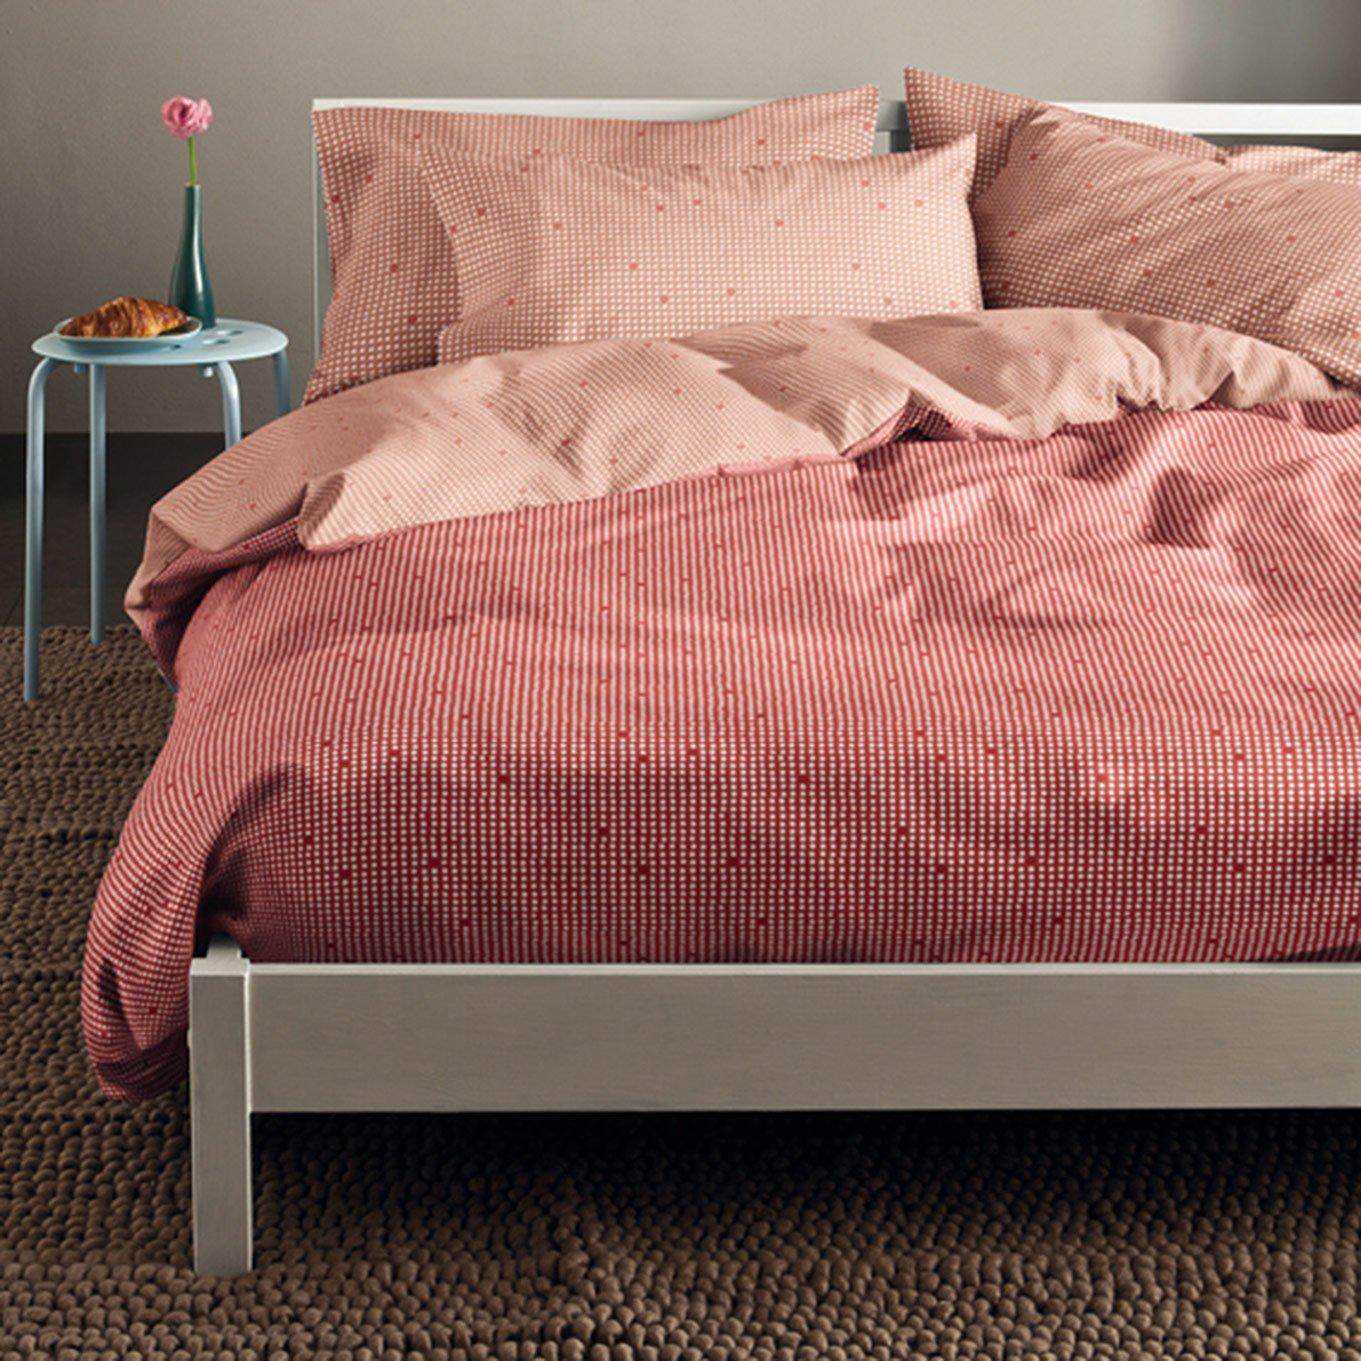 Biancheria per il letto cose di casa - Biancheria letto bassetti ...